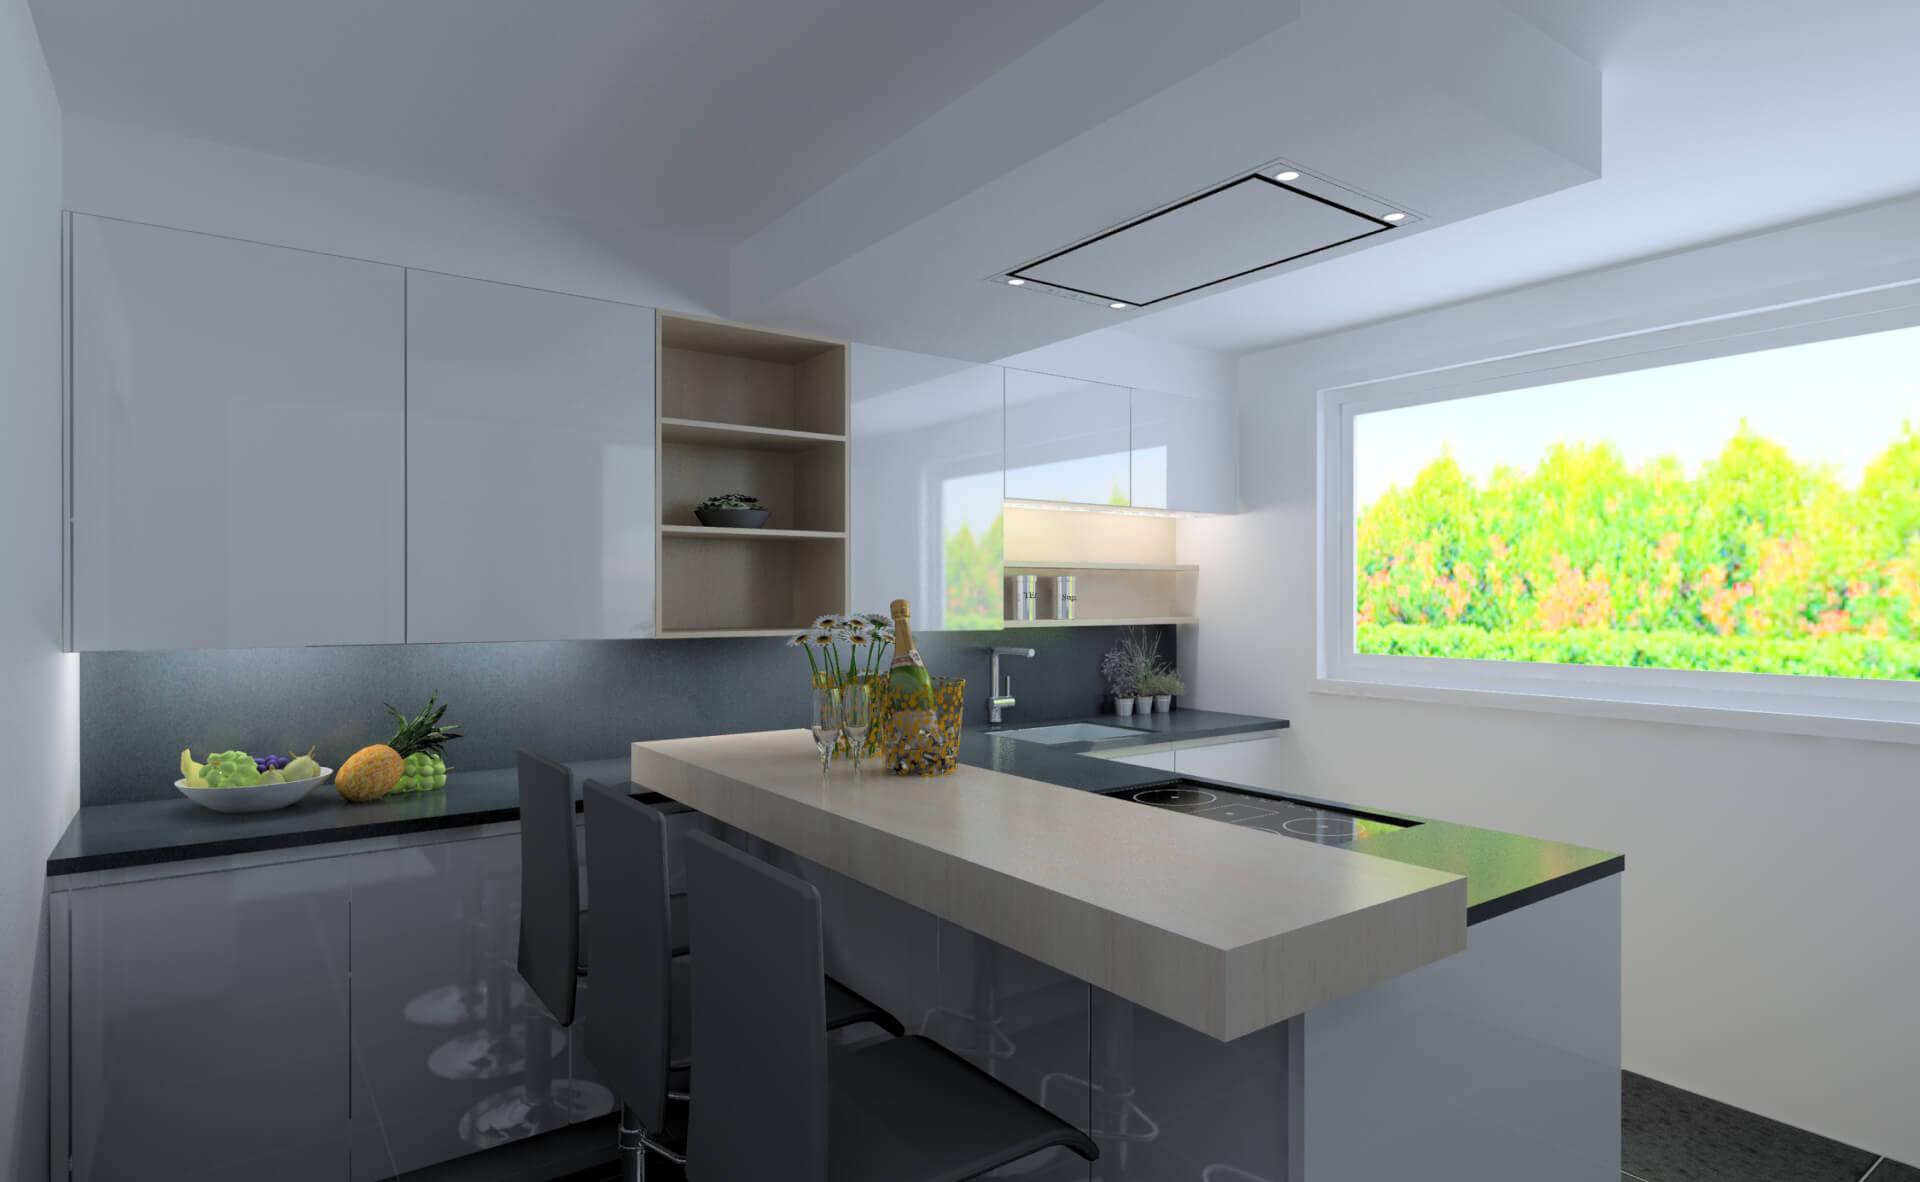 #92B51622392832 3D Ontwerp Van Een Moderne Keuken Door Creato Keukens Meest effectief Keuken 3d Ontwerpen 3555 behang 192011823555 afbeeldingen